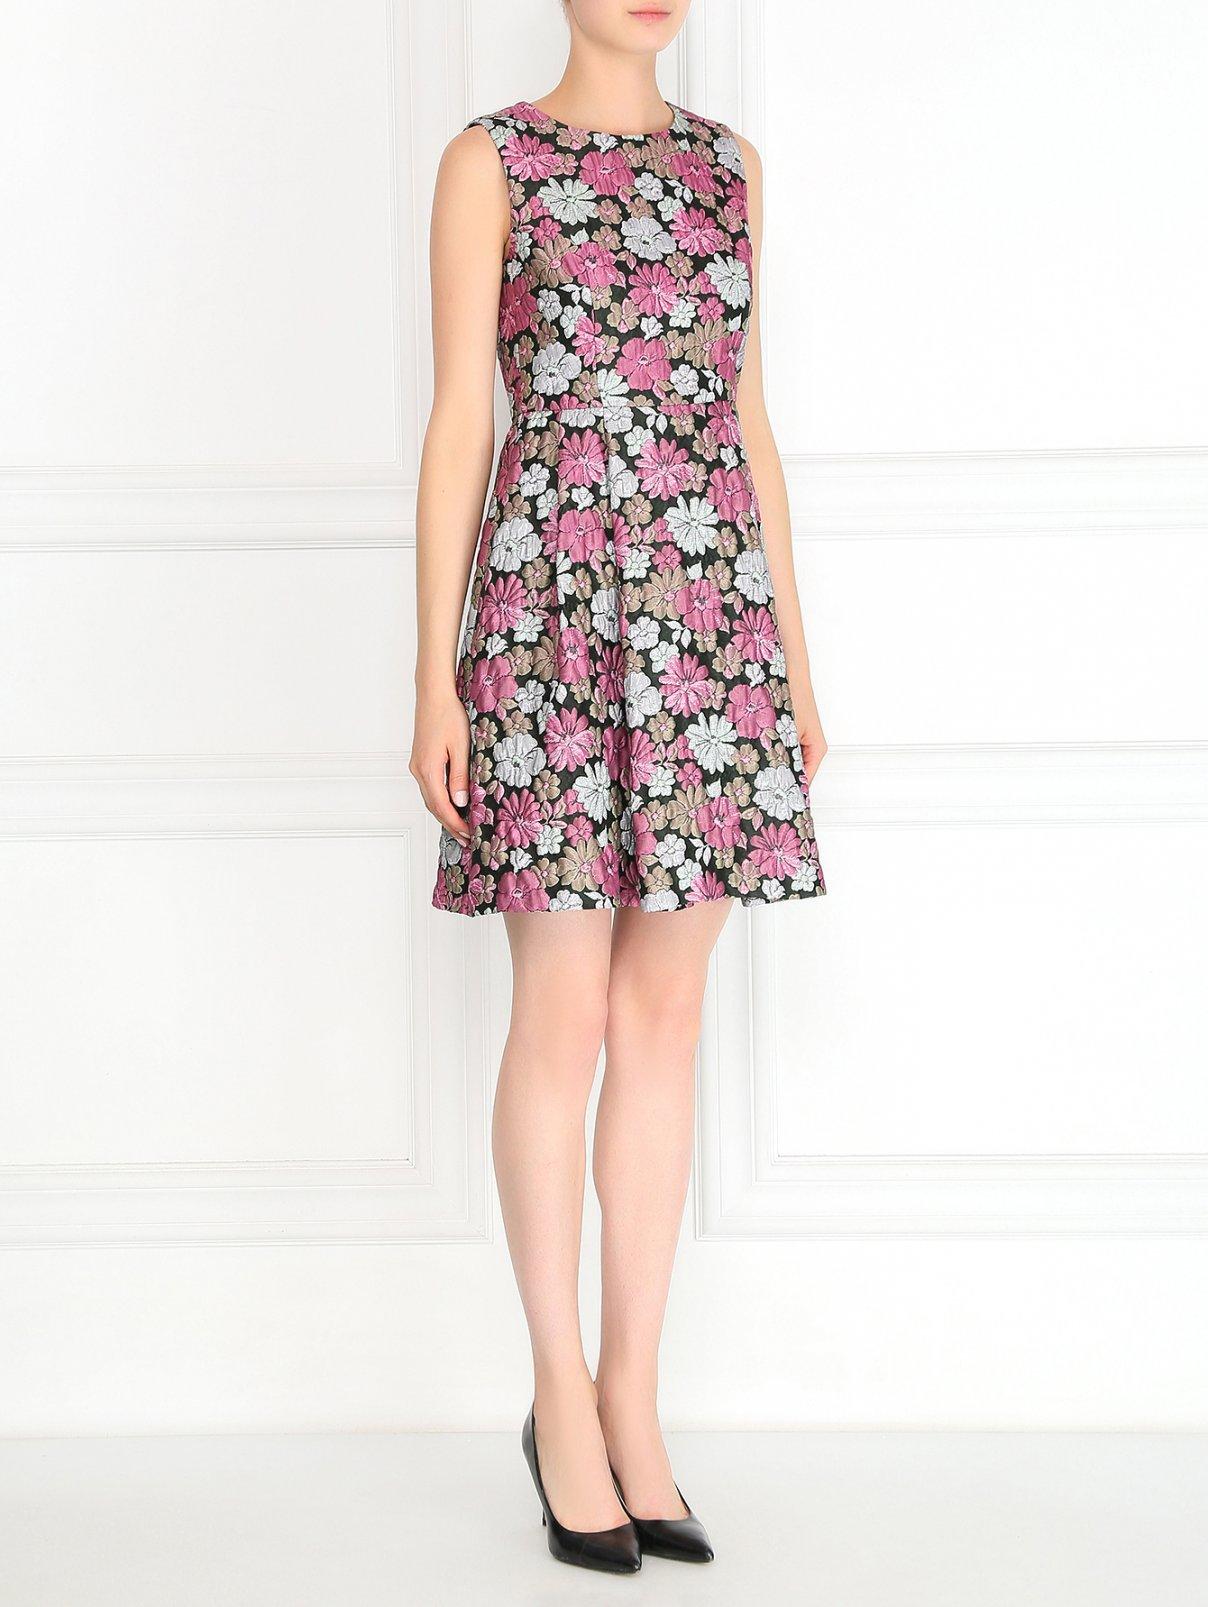 Платье с цветочным узором и симметричными складками Max Mara  –  Модель Общий вид